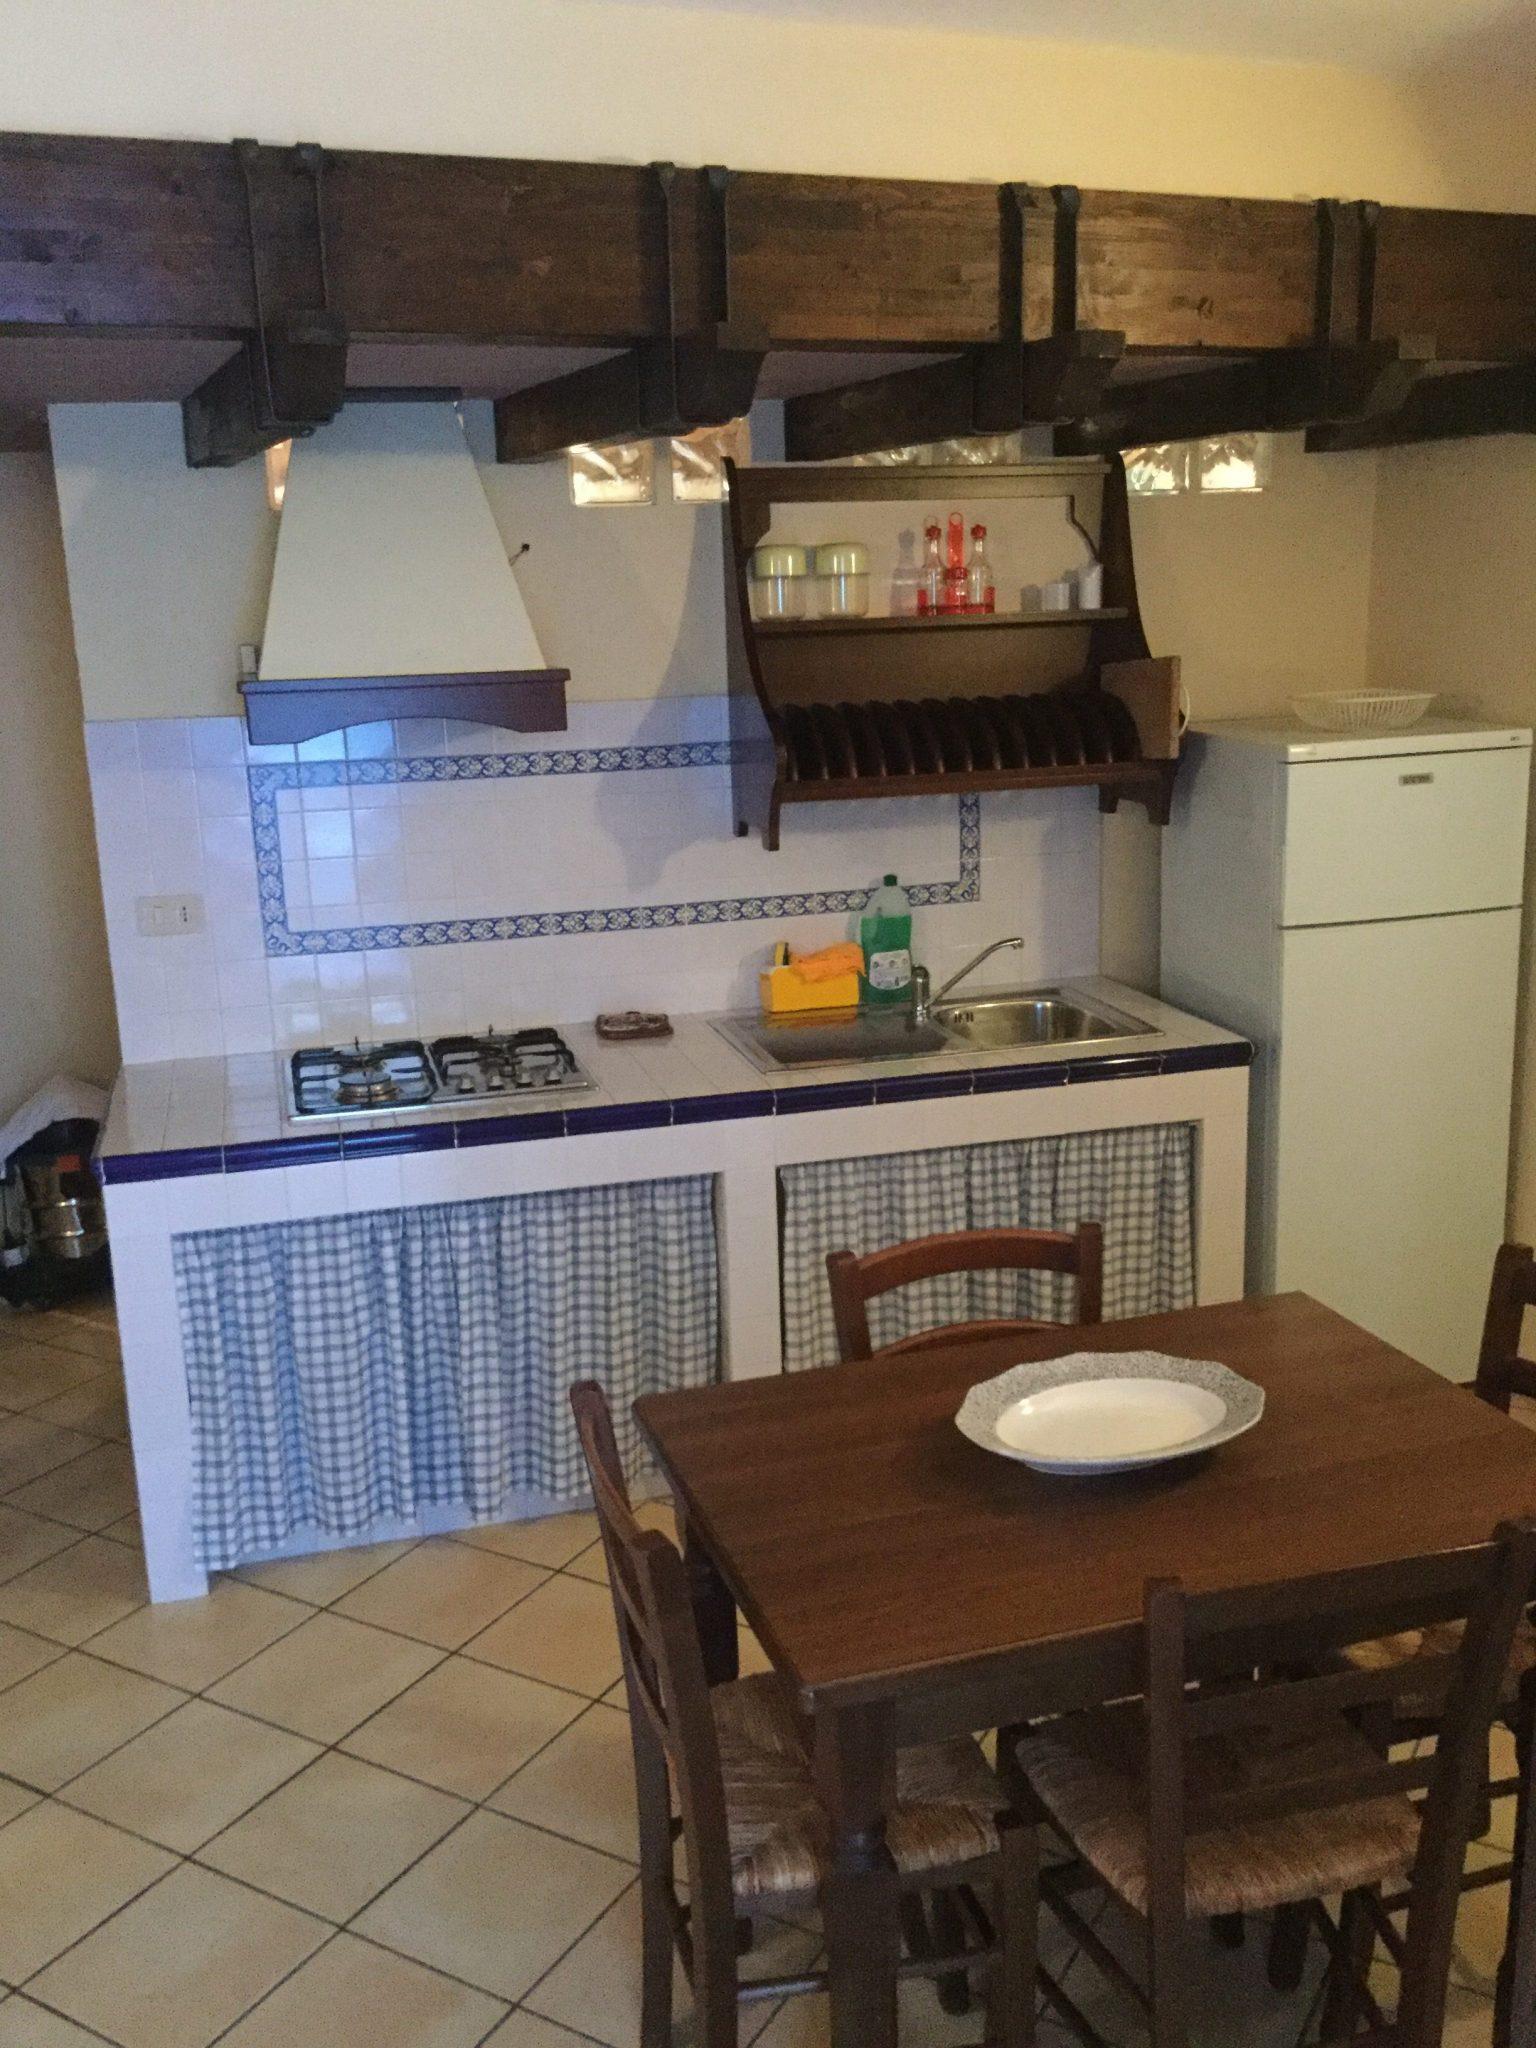 072 - Appartamento in palazzina indipendente , via Madonna degli angeli, Cefalù.